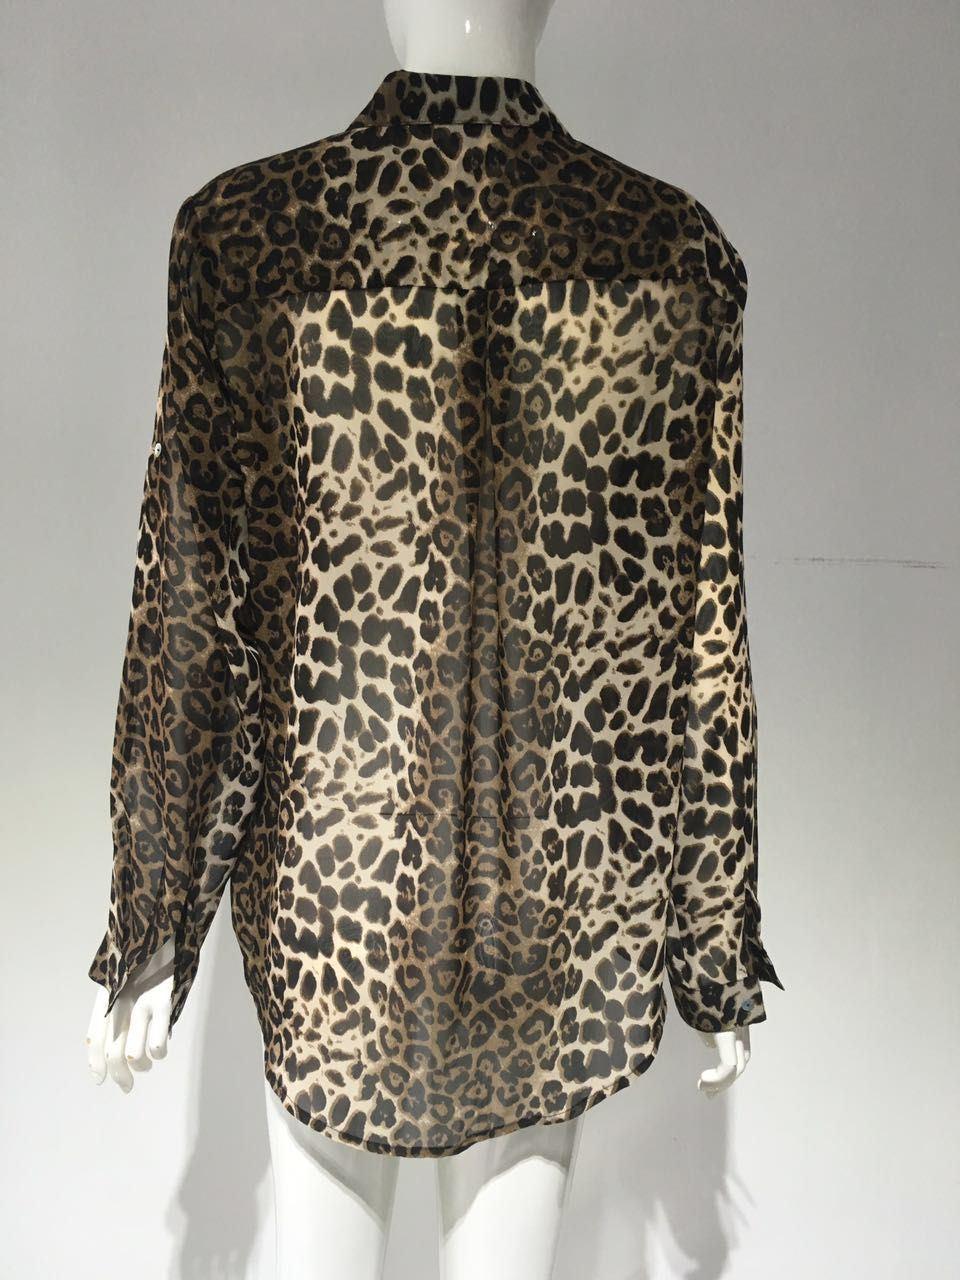 2017 fashion Leopard Print Blouse, Snake Print Blouse